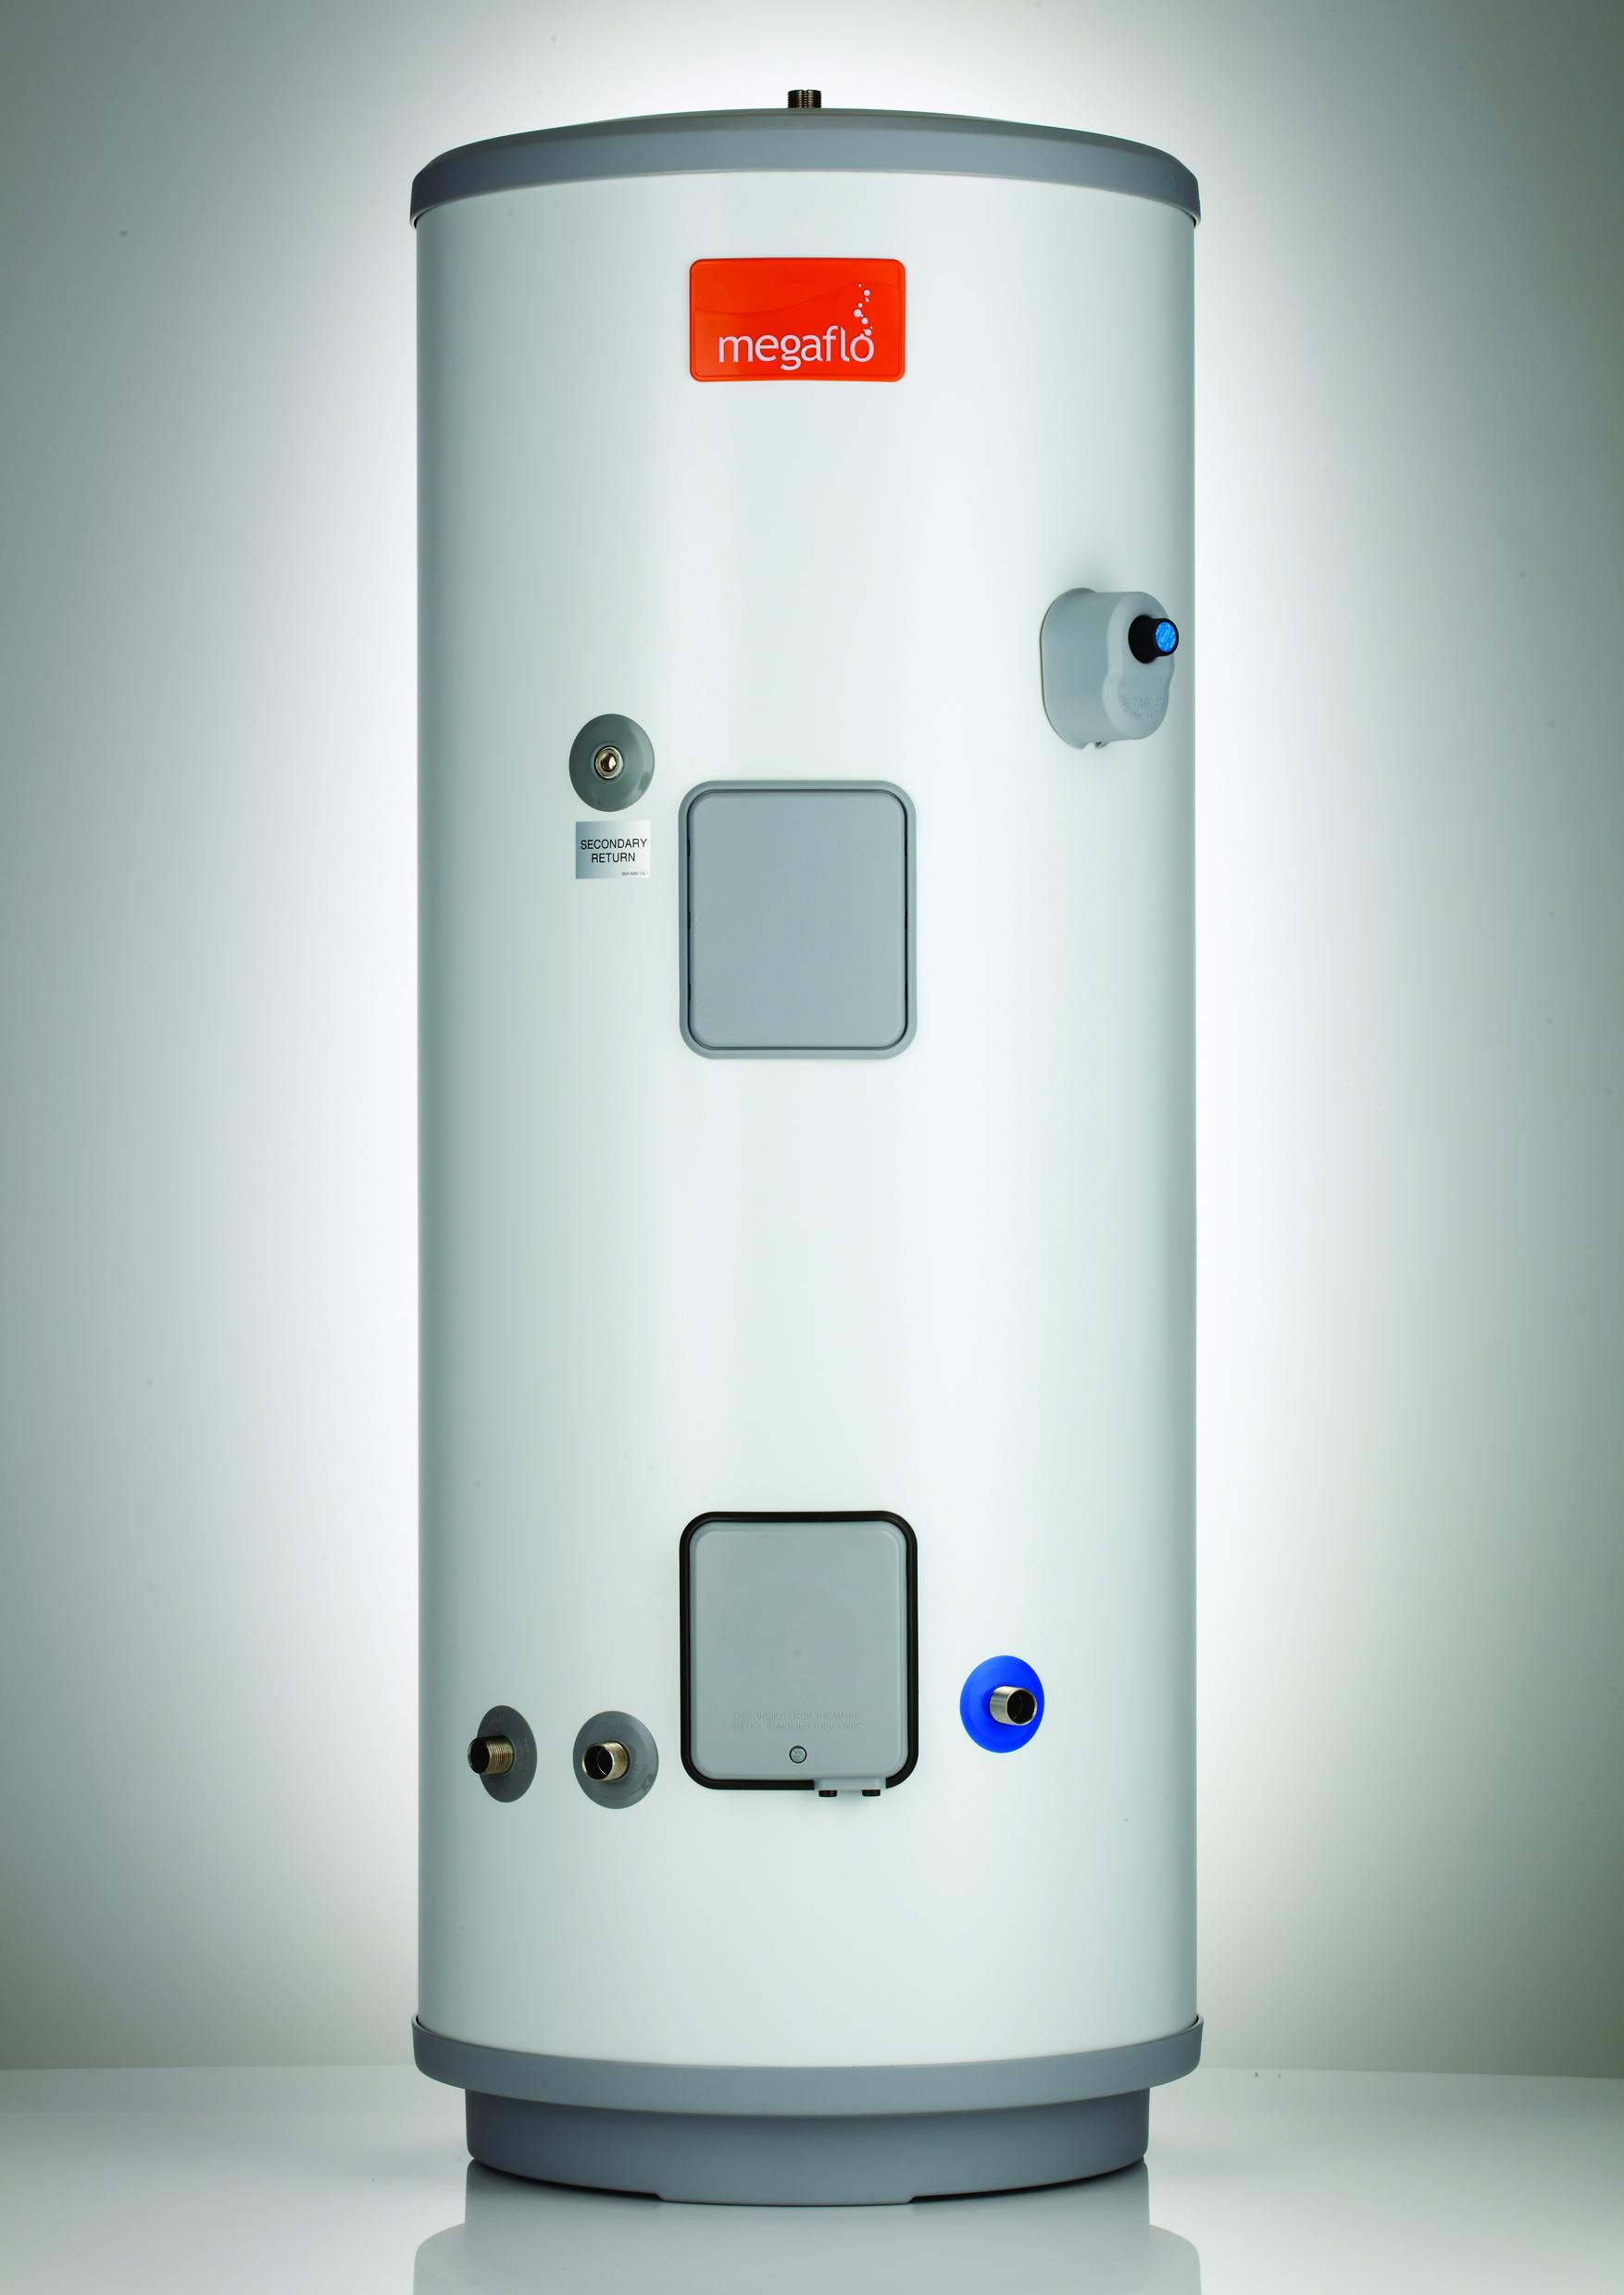 Megaflo Eco cylinder